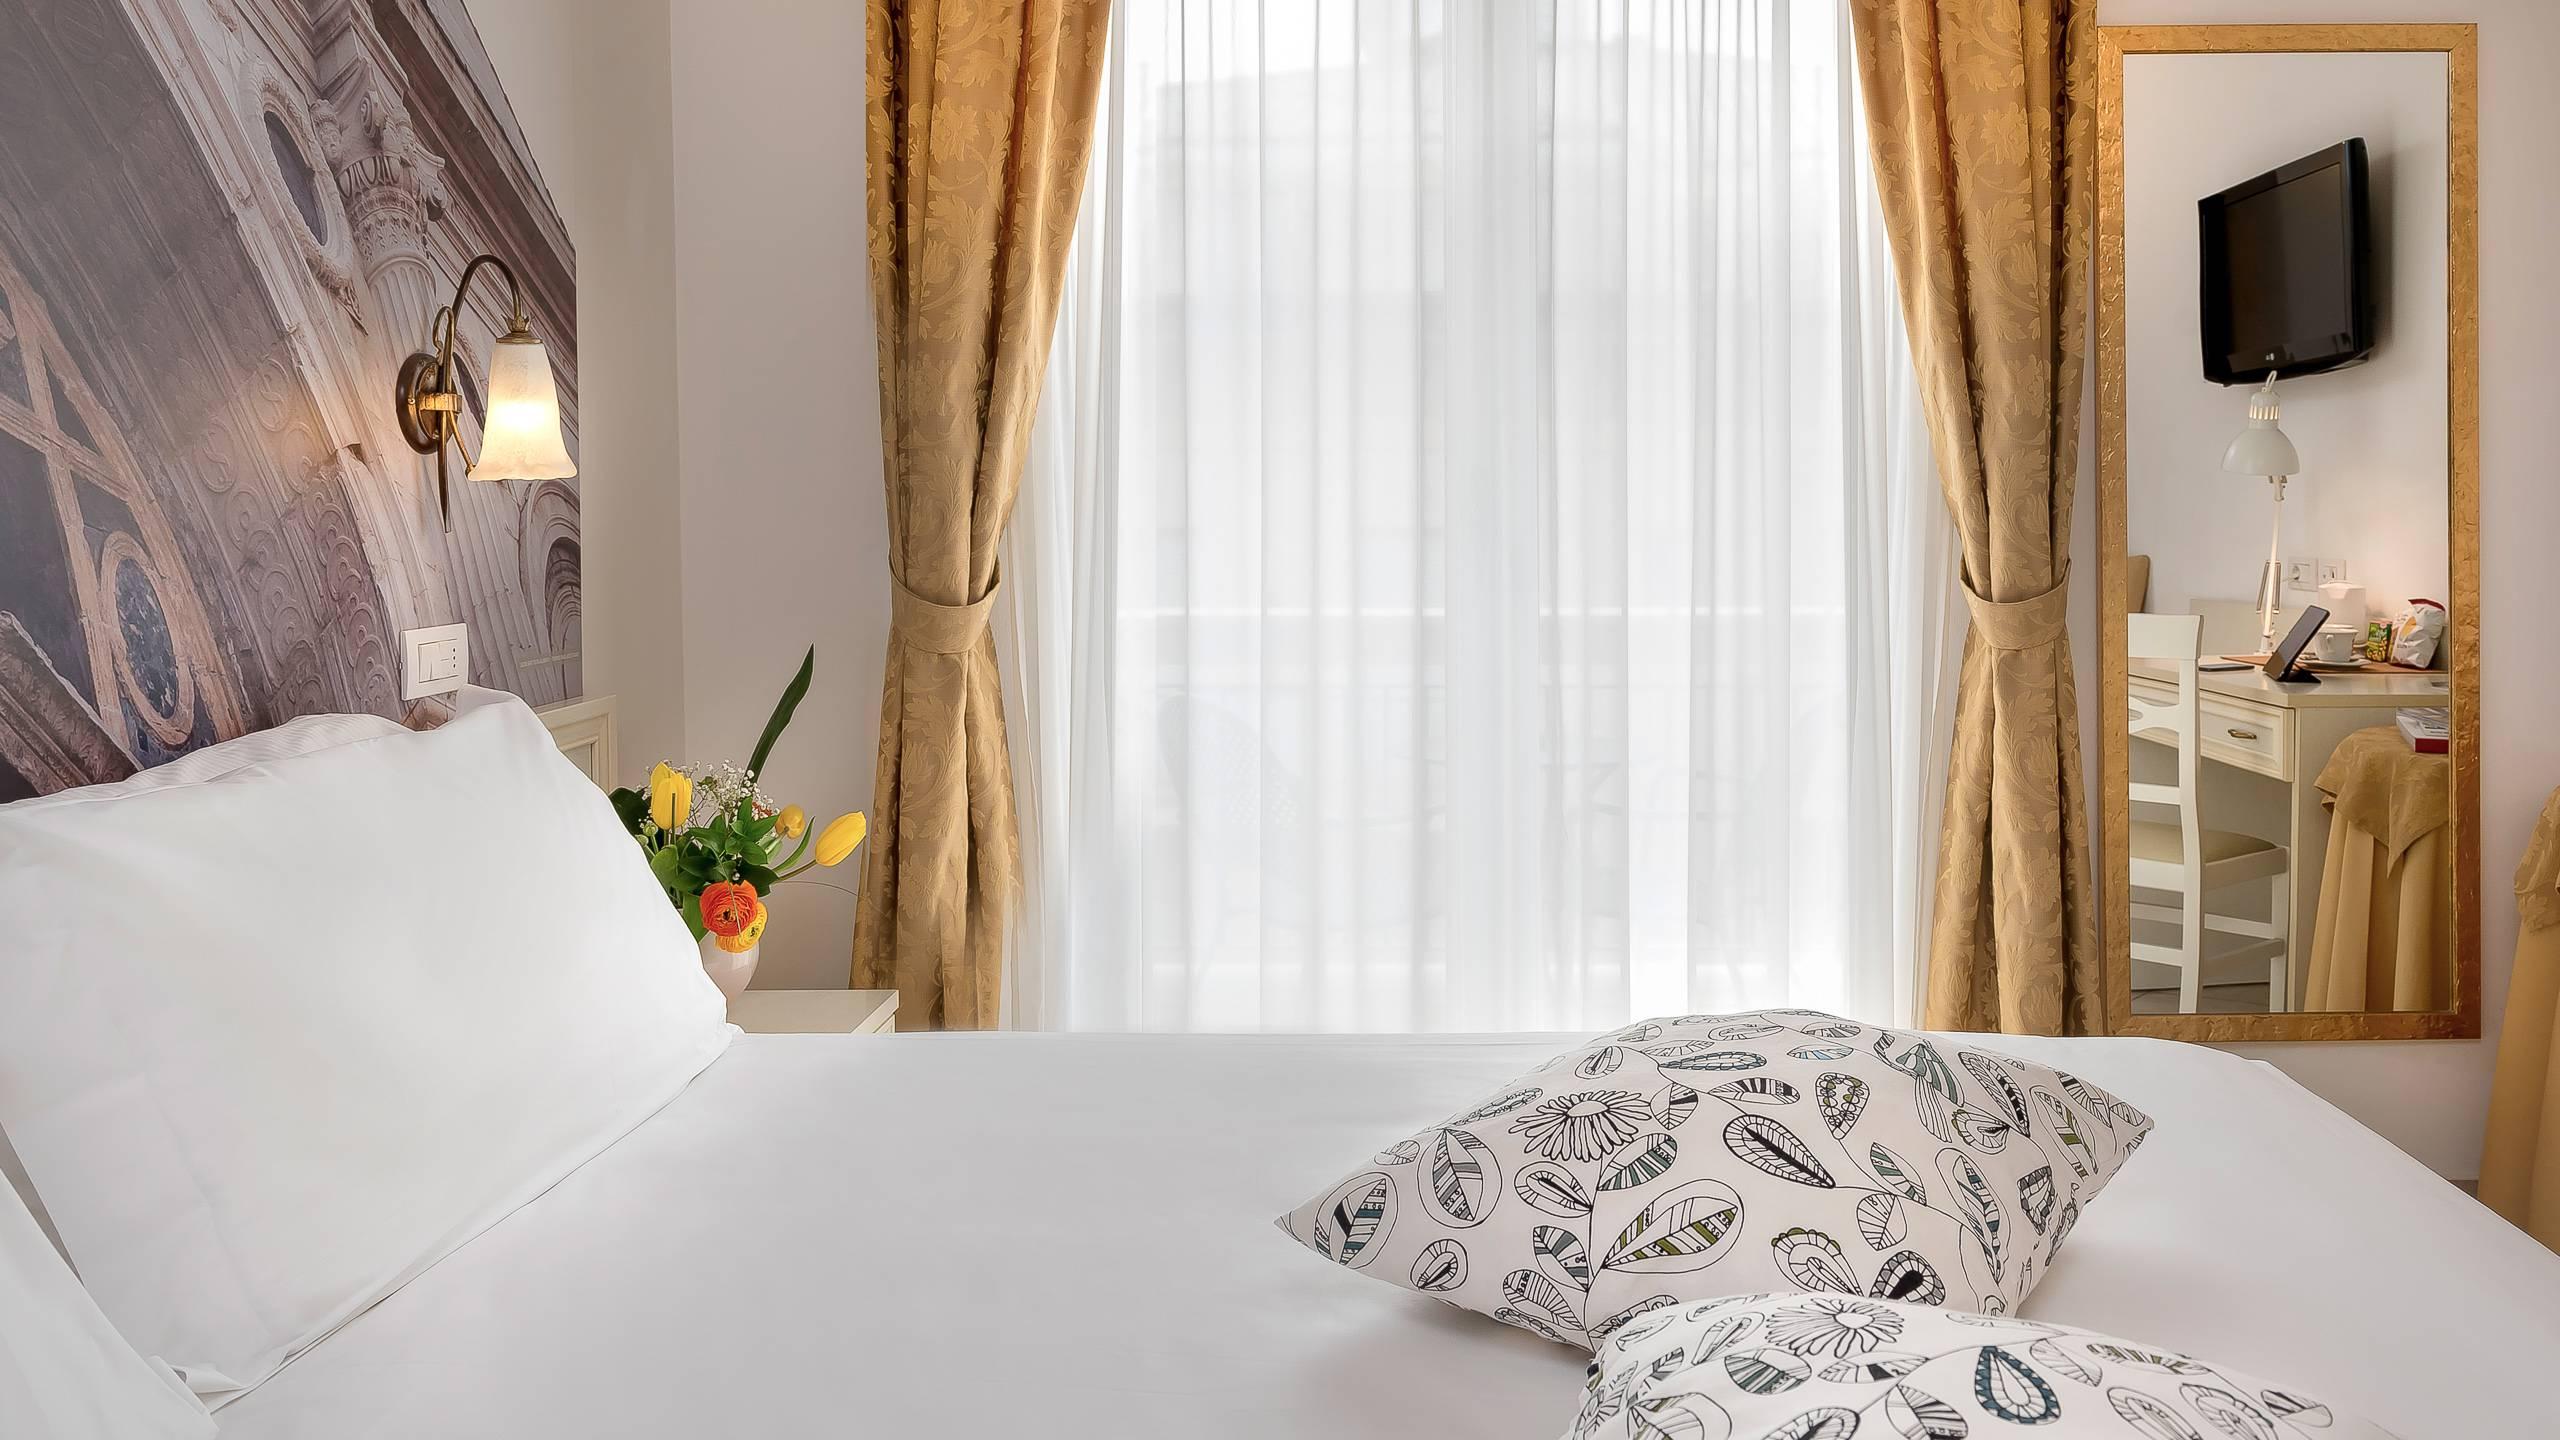 hotel-sovrana-&-spa-rimini-rooms-11